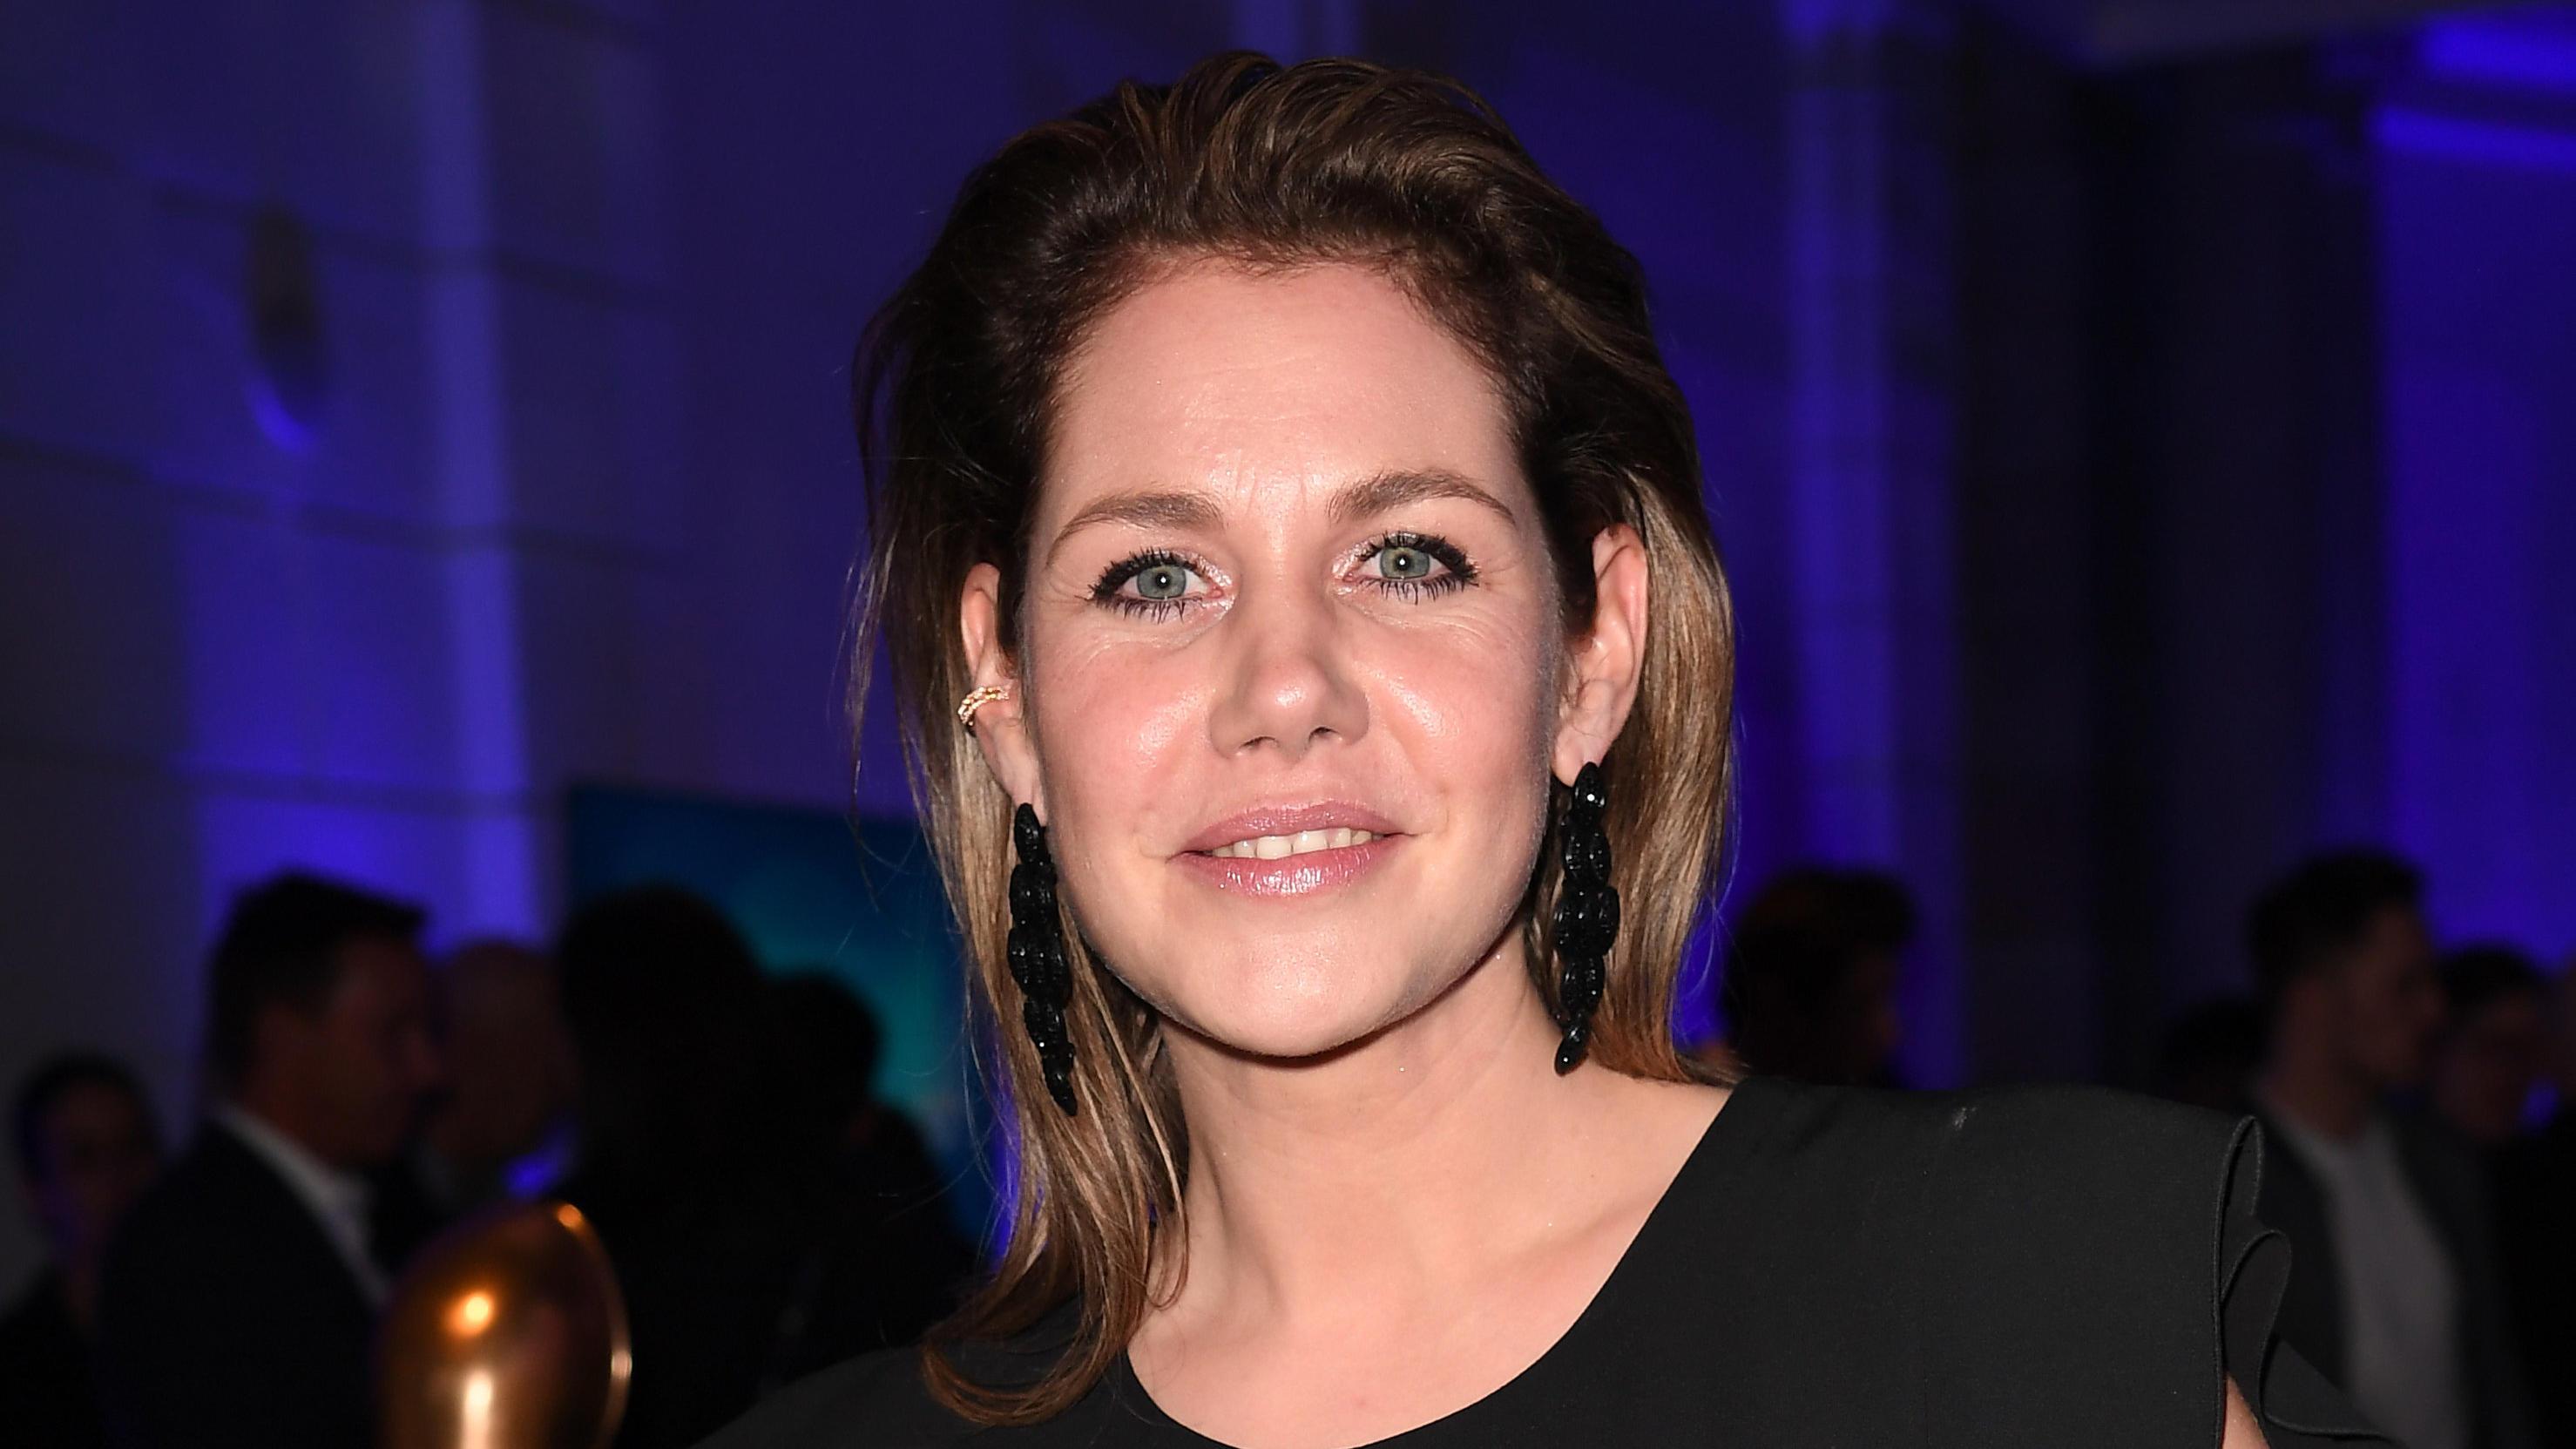 Felicitas Woll erhielt unmoralisches Angebot für Schauspiel-Rolle - VIP.de, Star News